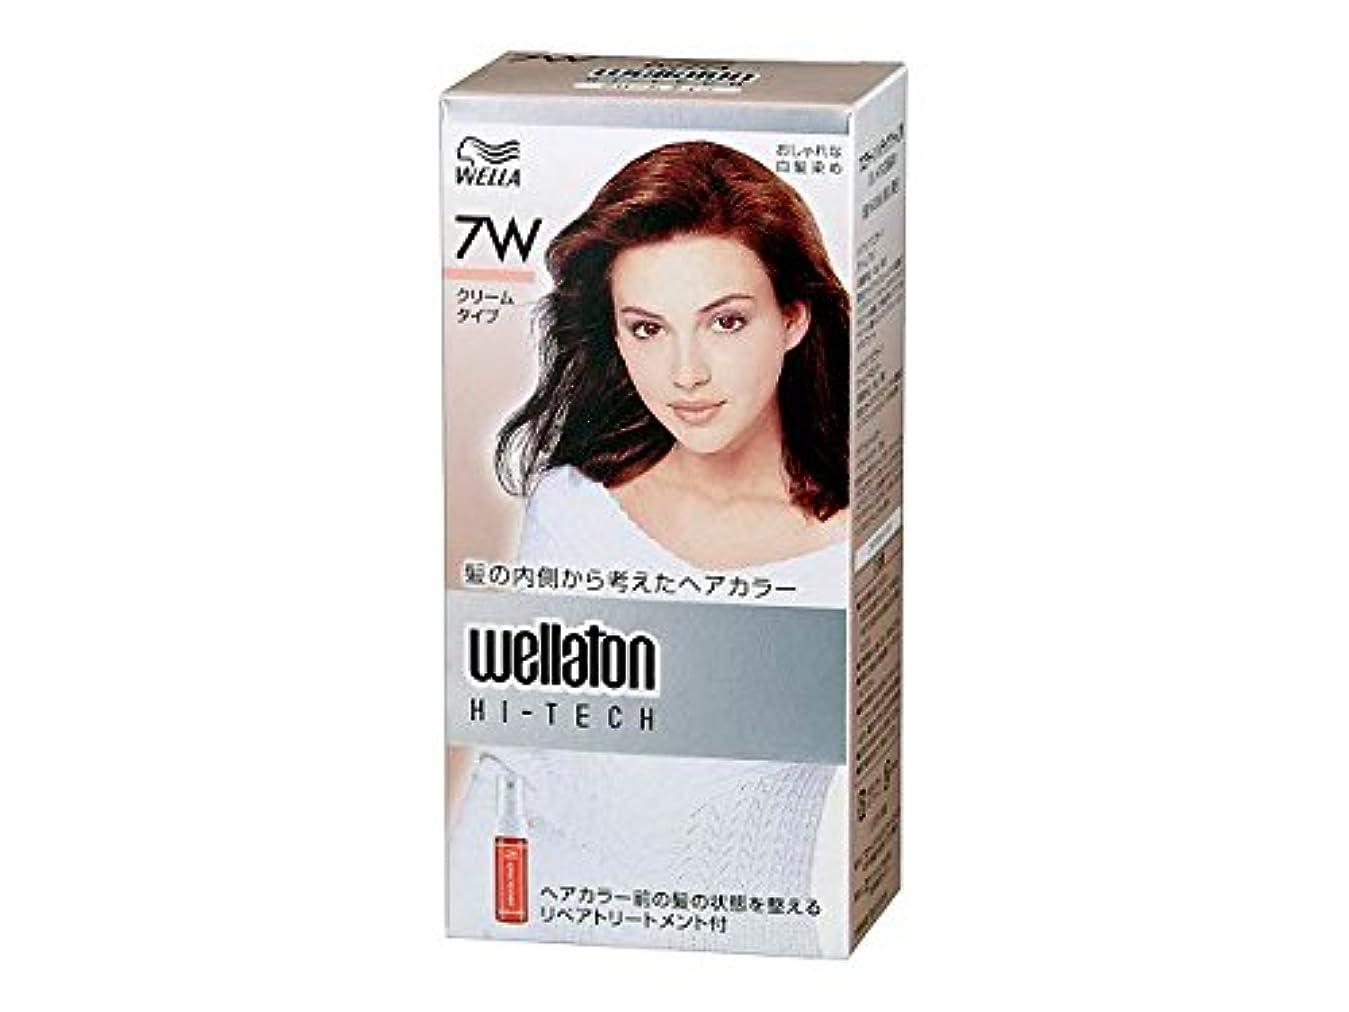 有名な牧草地第九【ヘアケア】P&G ウエラトーン ハイテック クリーム 7W 暖かみのある明るい栗色 医薬部外品 白髪染めヘアカラー(女性用)×24点セット (4902565140541)